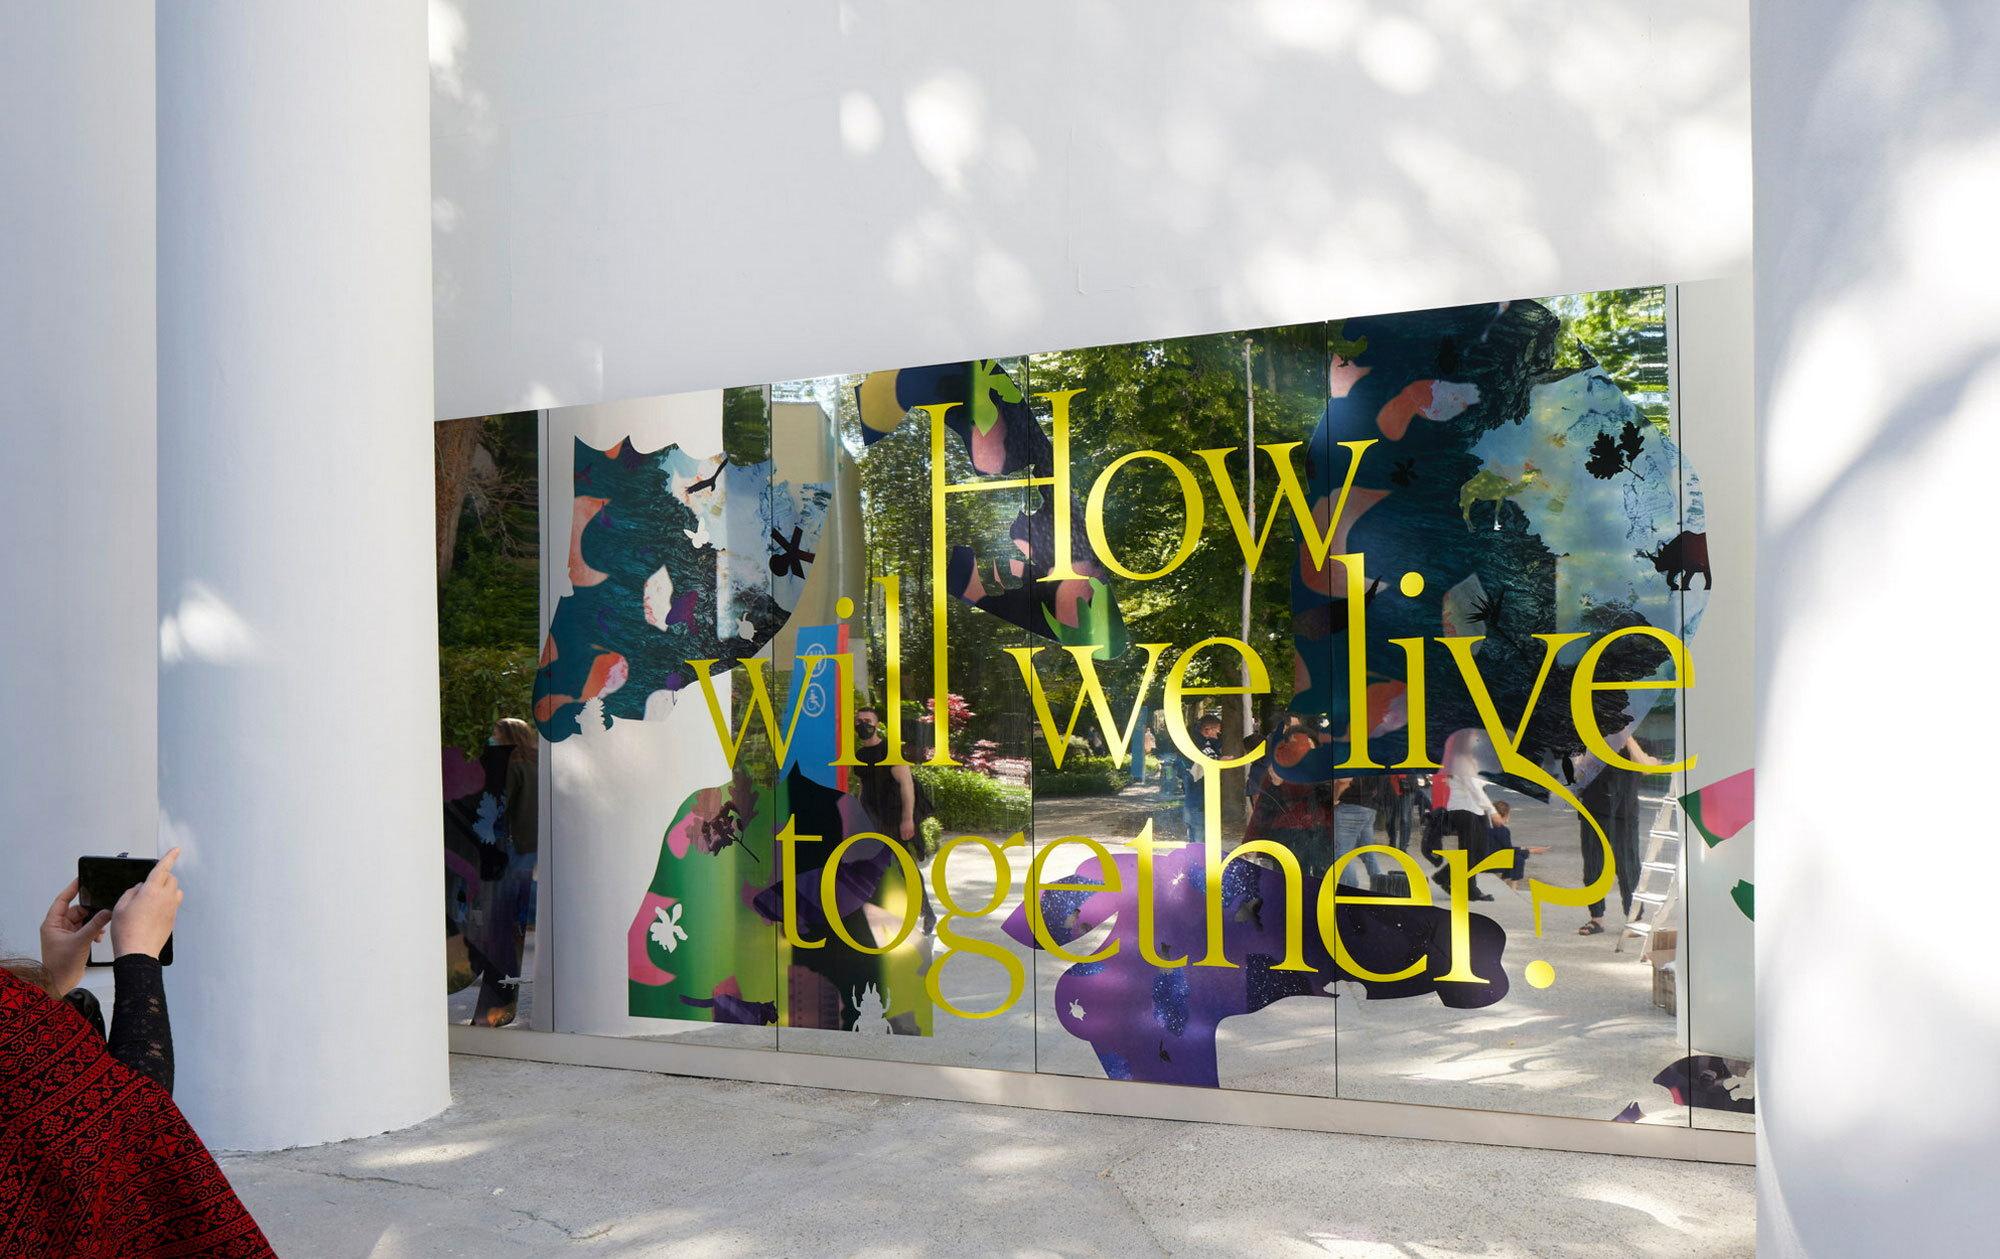 How will we live together? Kurator Hashim Sarkis wirft mit der 17. Architekturbiennale in Venedig einen Anker ins Morgen.Foto: Nils Koenning